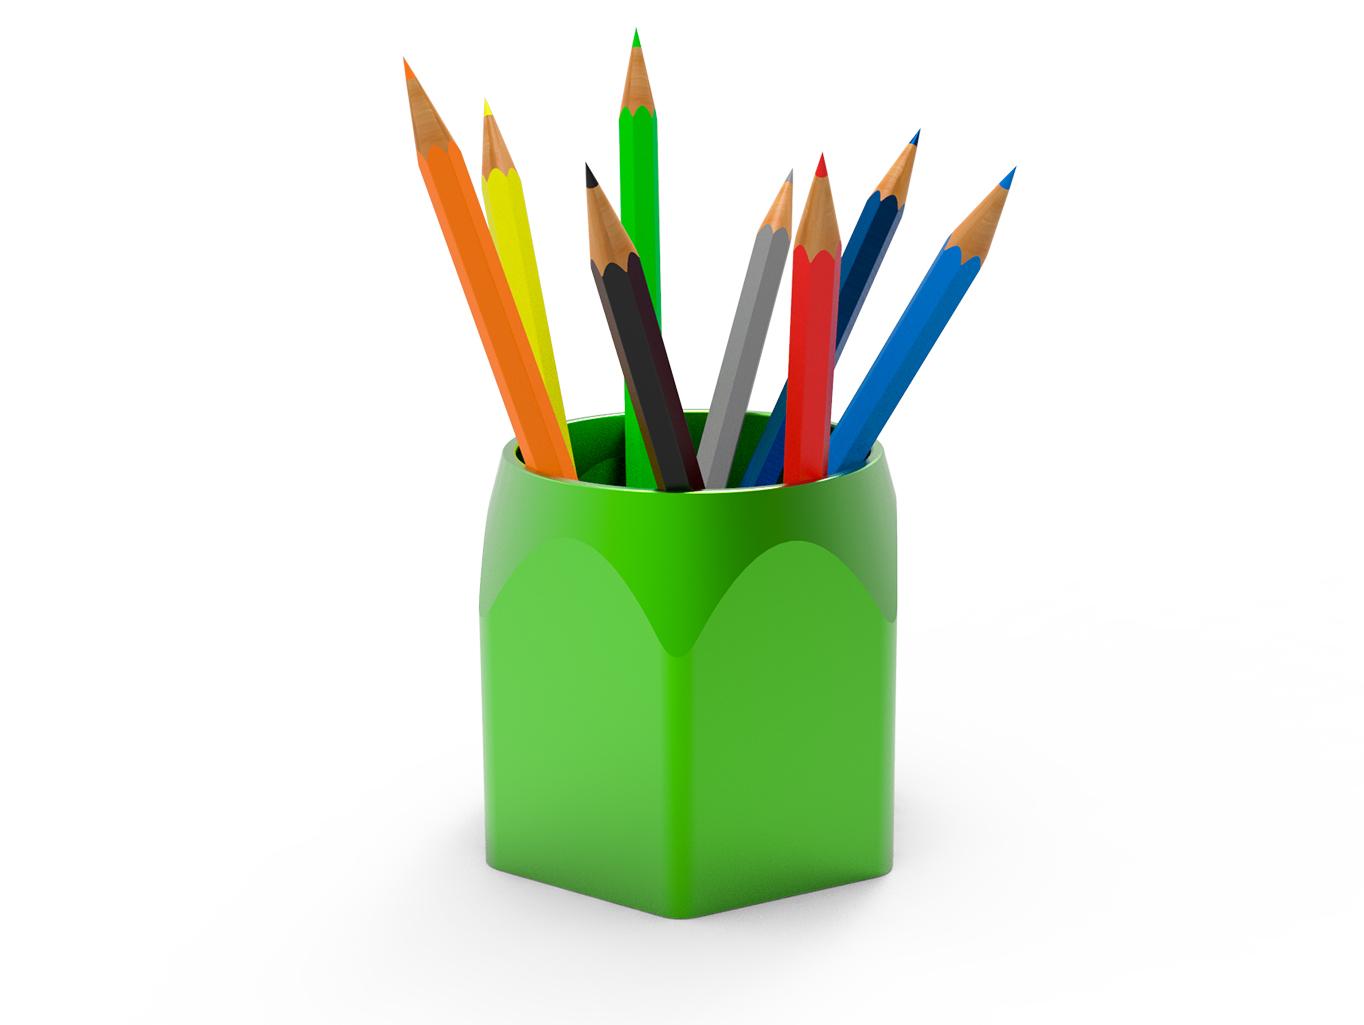 23.jpg Télécharger fichier STL gratuit Pot à crayons • Design pour imprimante 3D, Ruvimkub